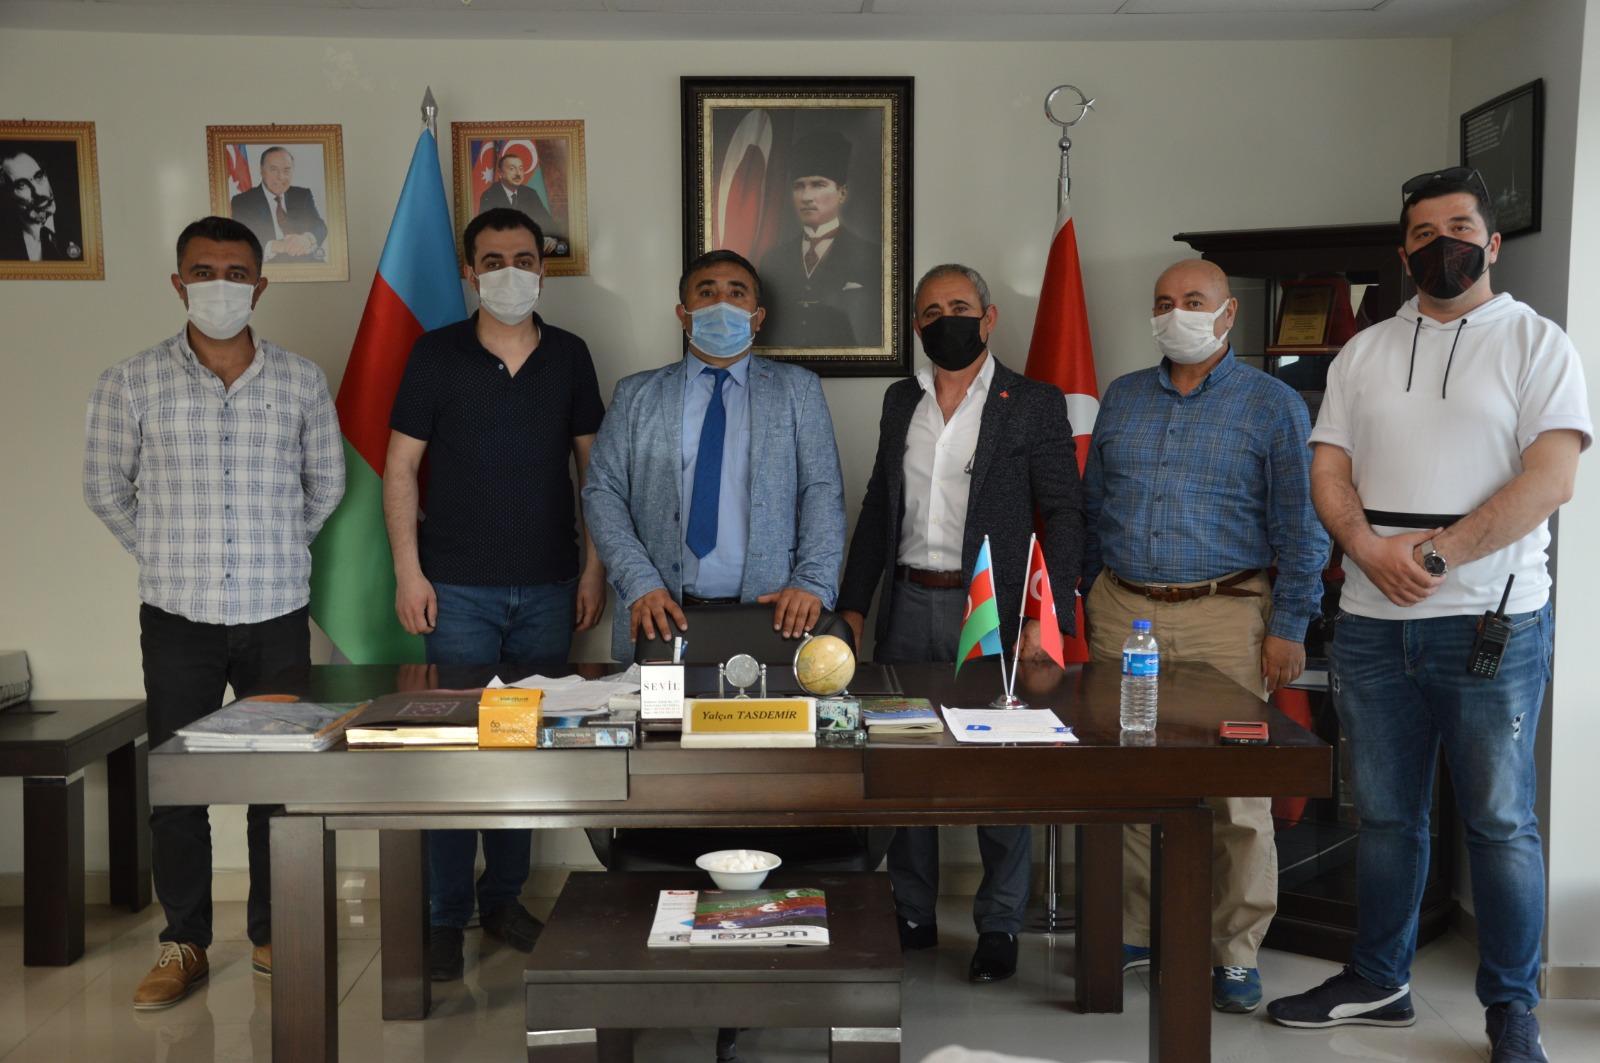 Manisa Azerbaycanlılar Kültür ve Dayanışma Derneği ilk toplantısını gerçekleştirdi.